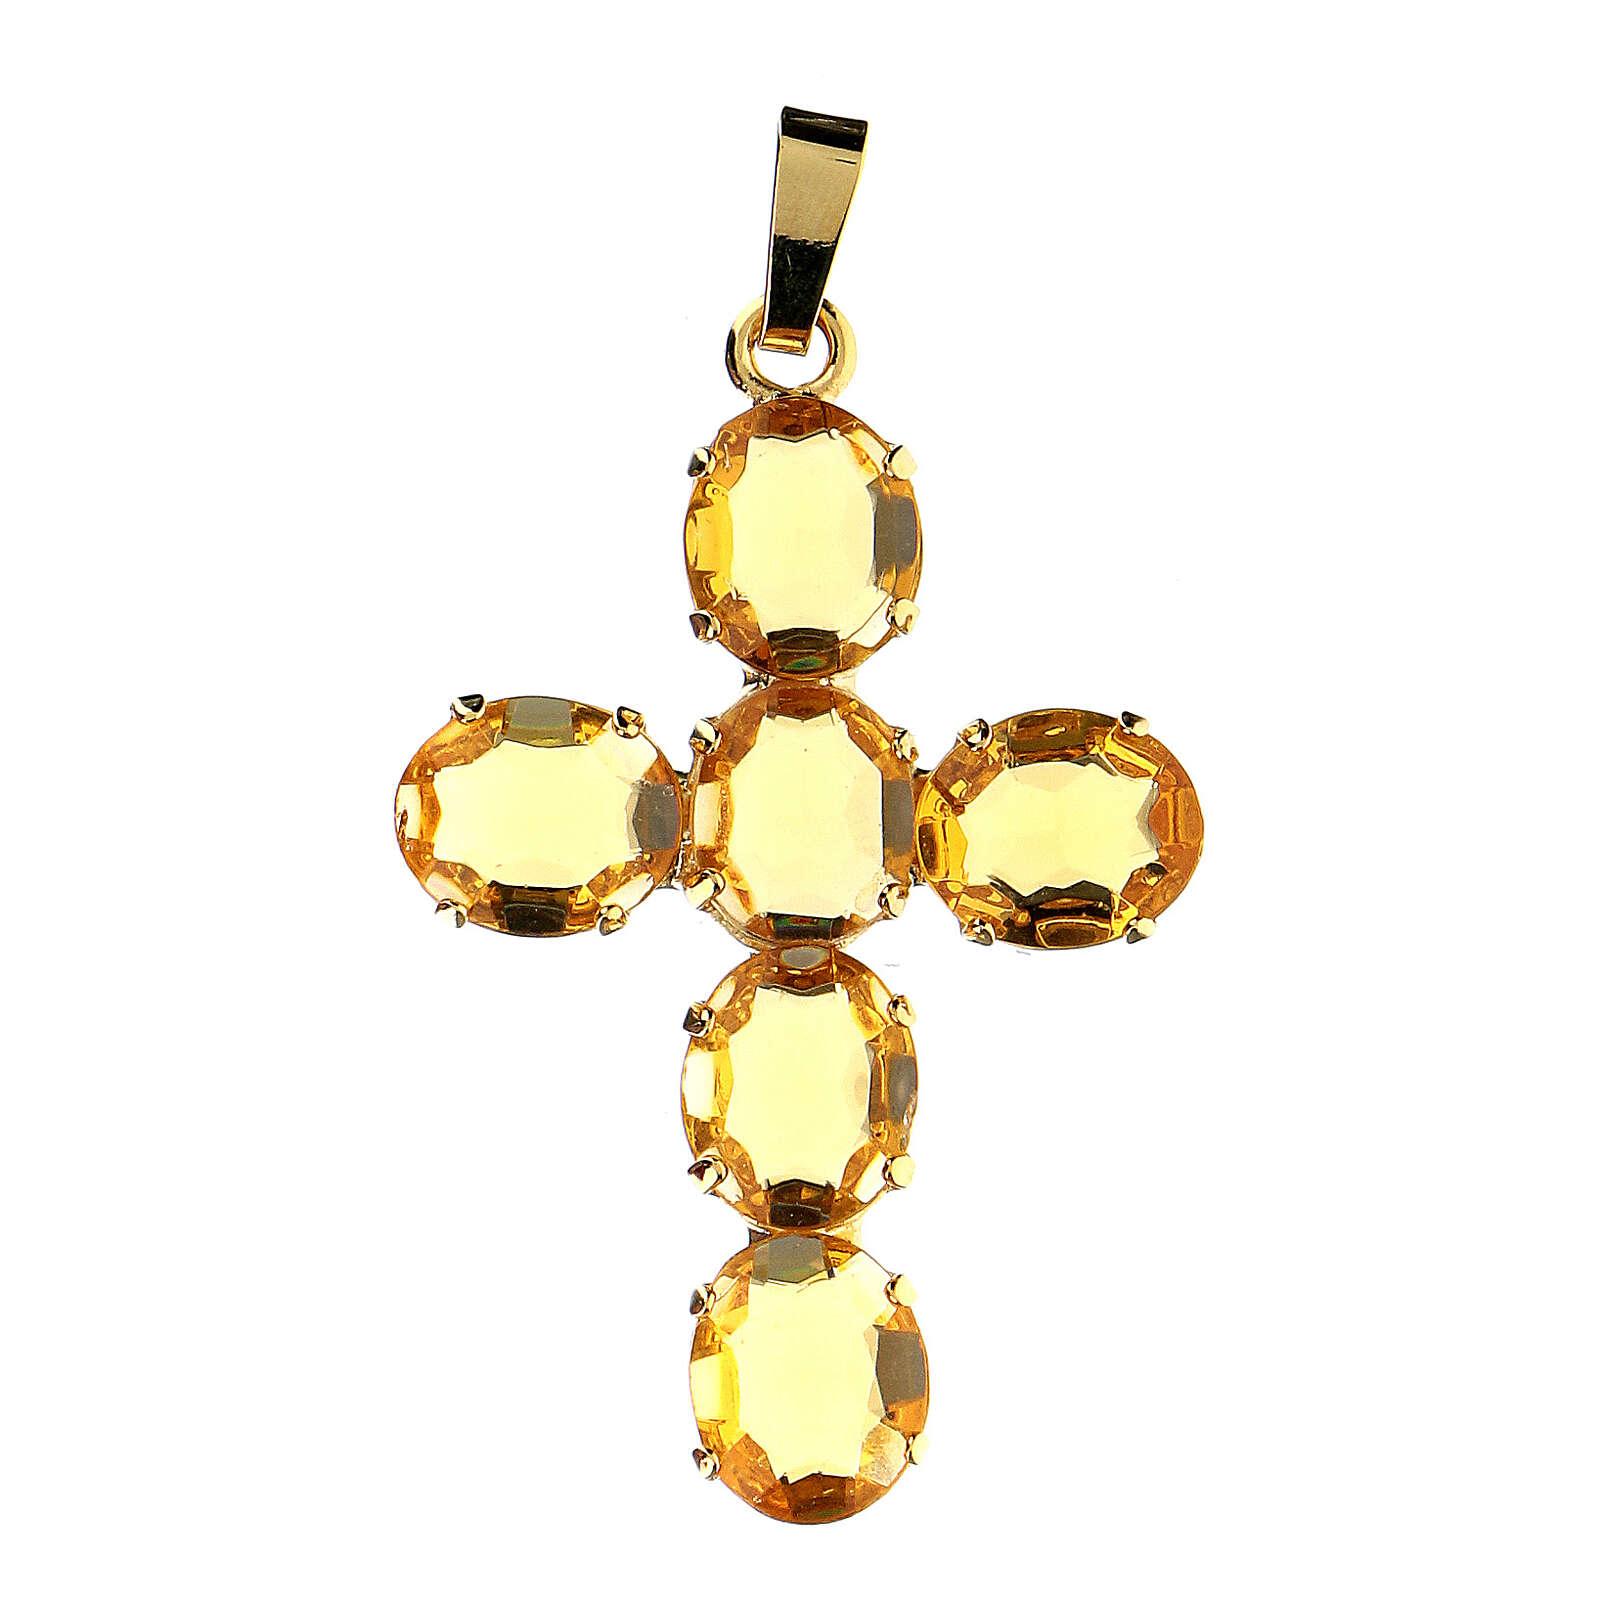 Pingente cruz latão dourado com cristais ovalados amarelos 4